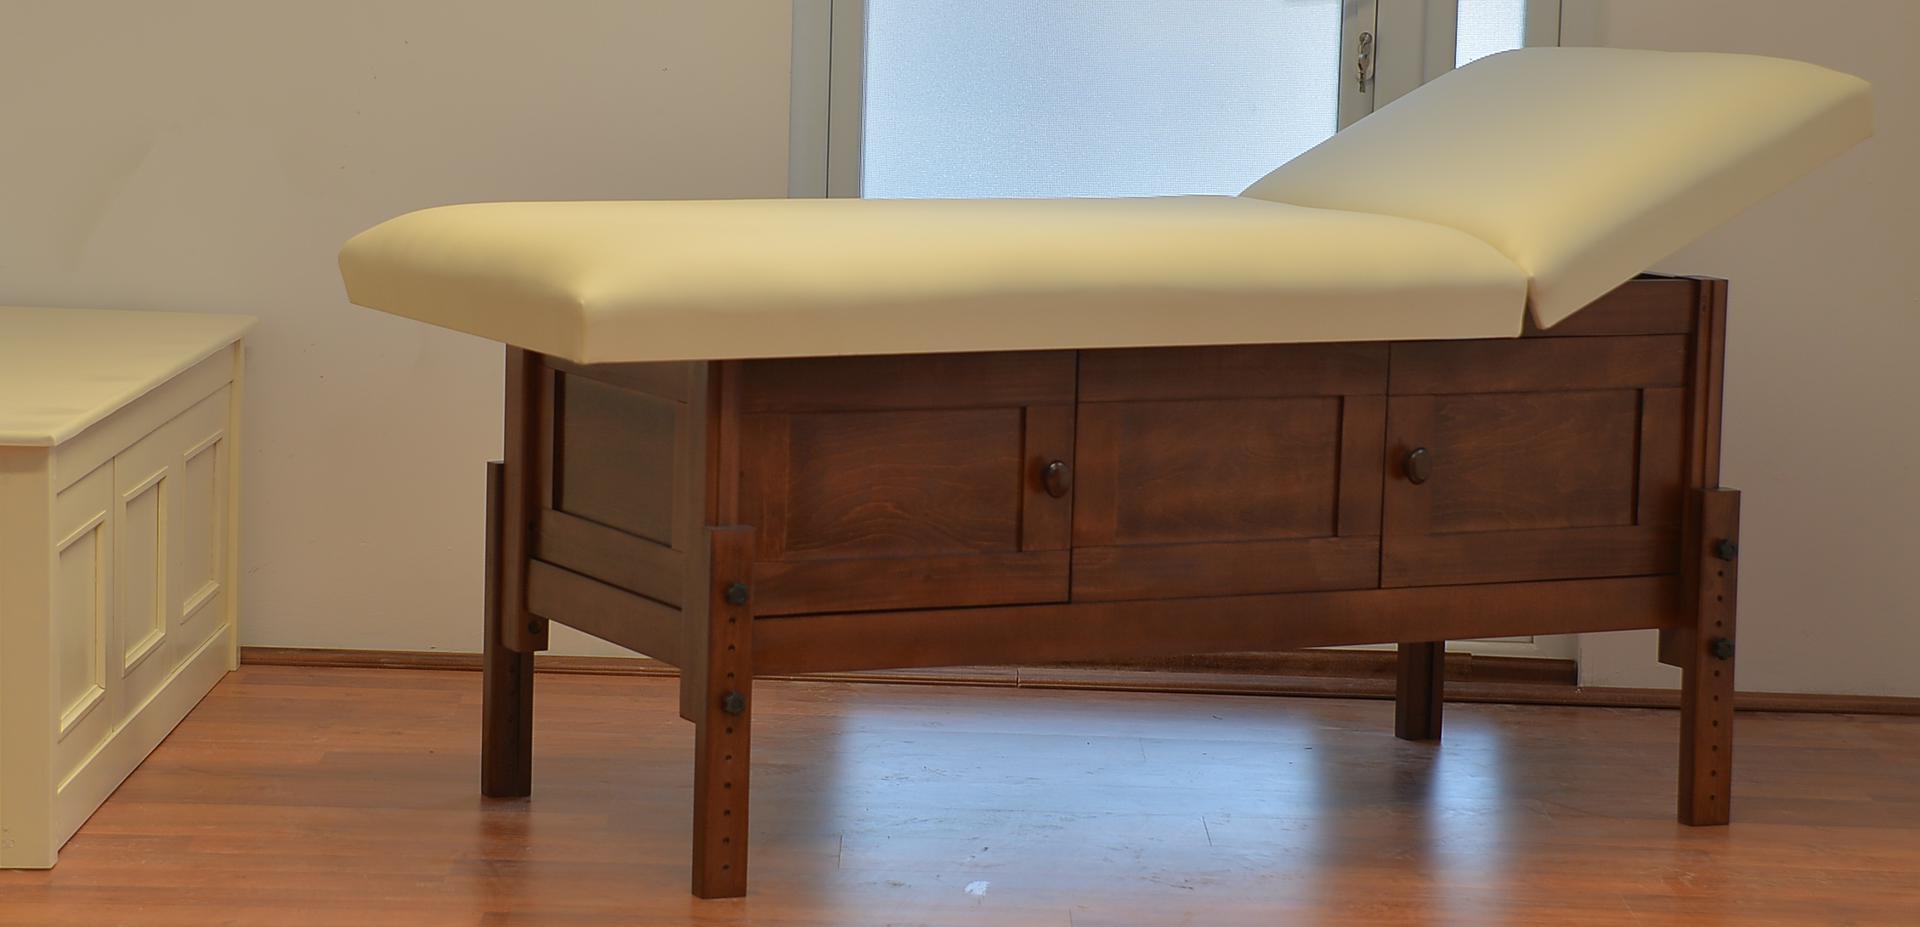 Hermes, masă de masaj staționară, structură lemn masiv de fag finisaj wenge, pernă două secțiuni, tapițerie crem